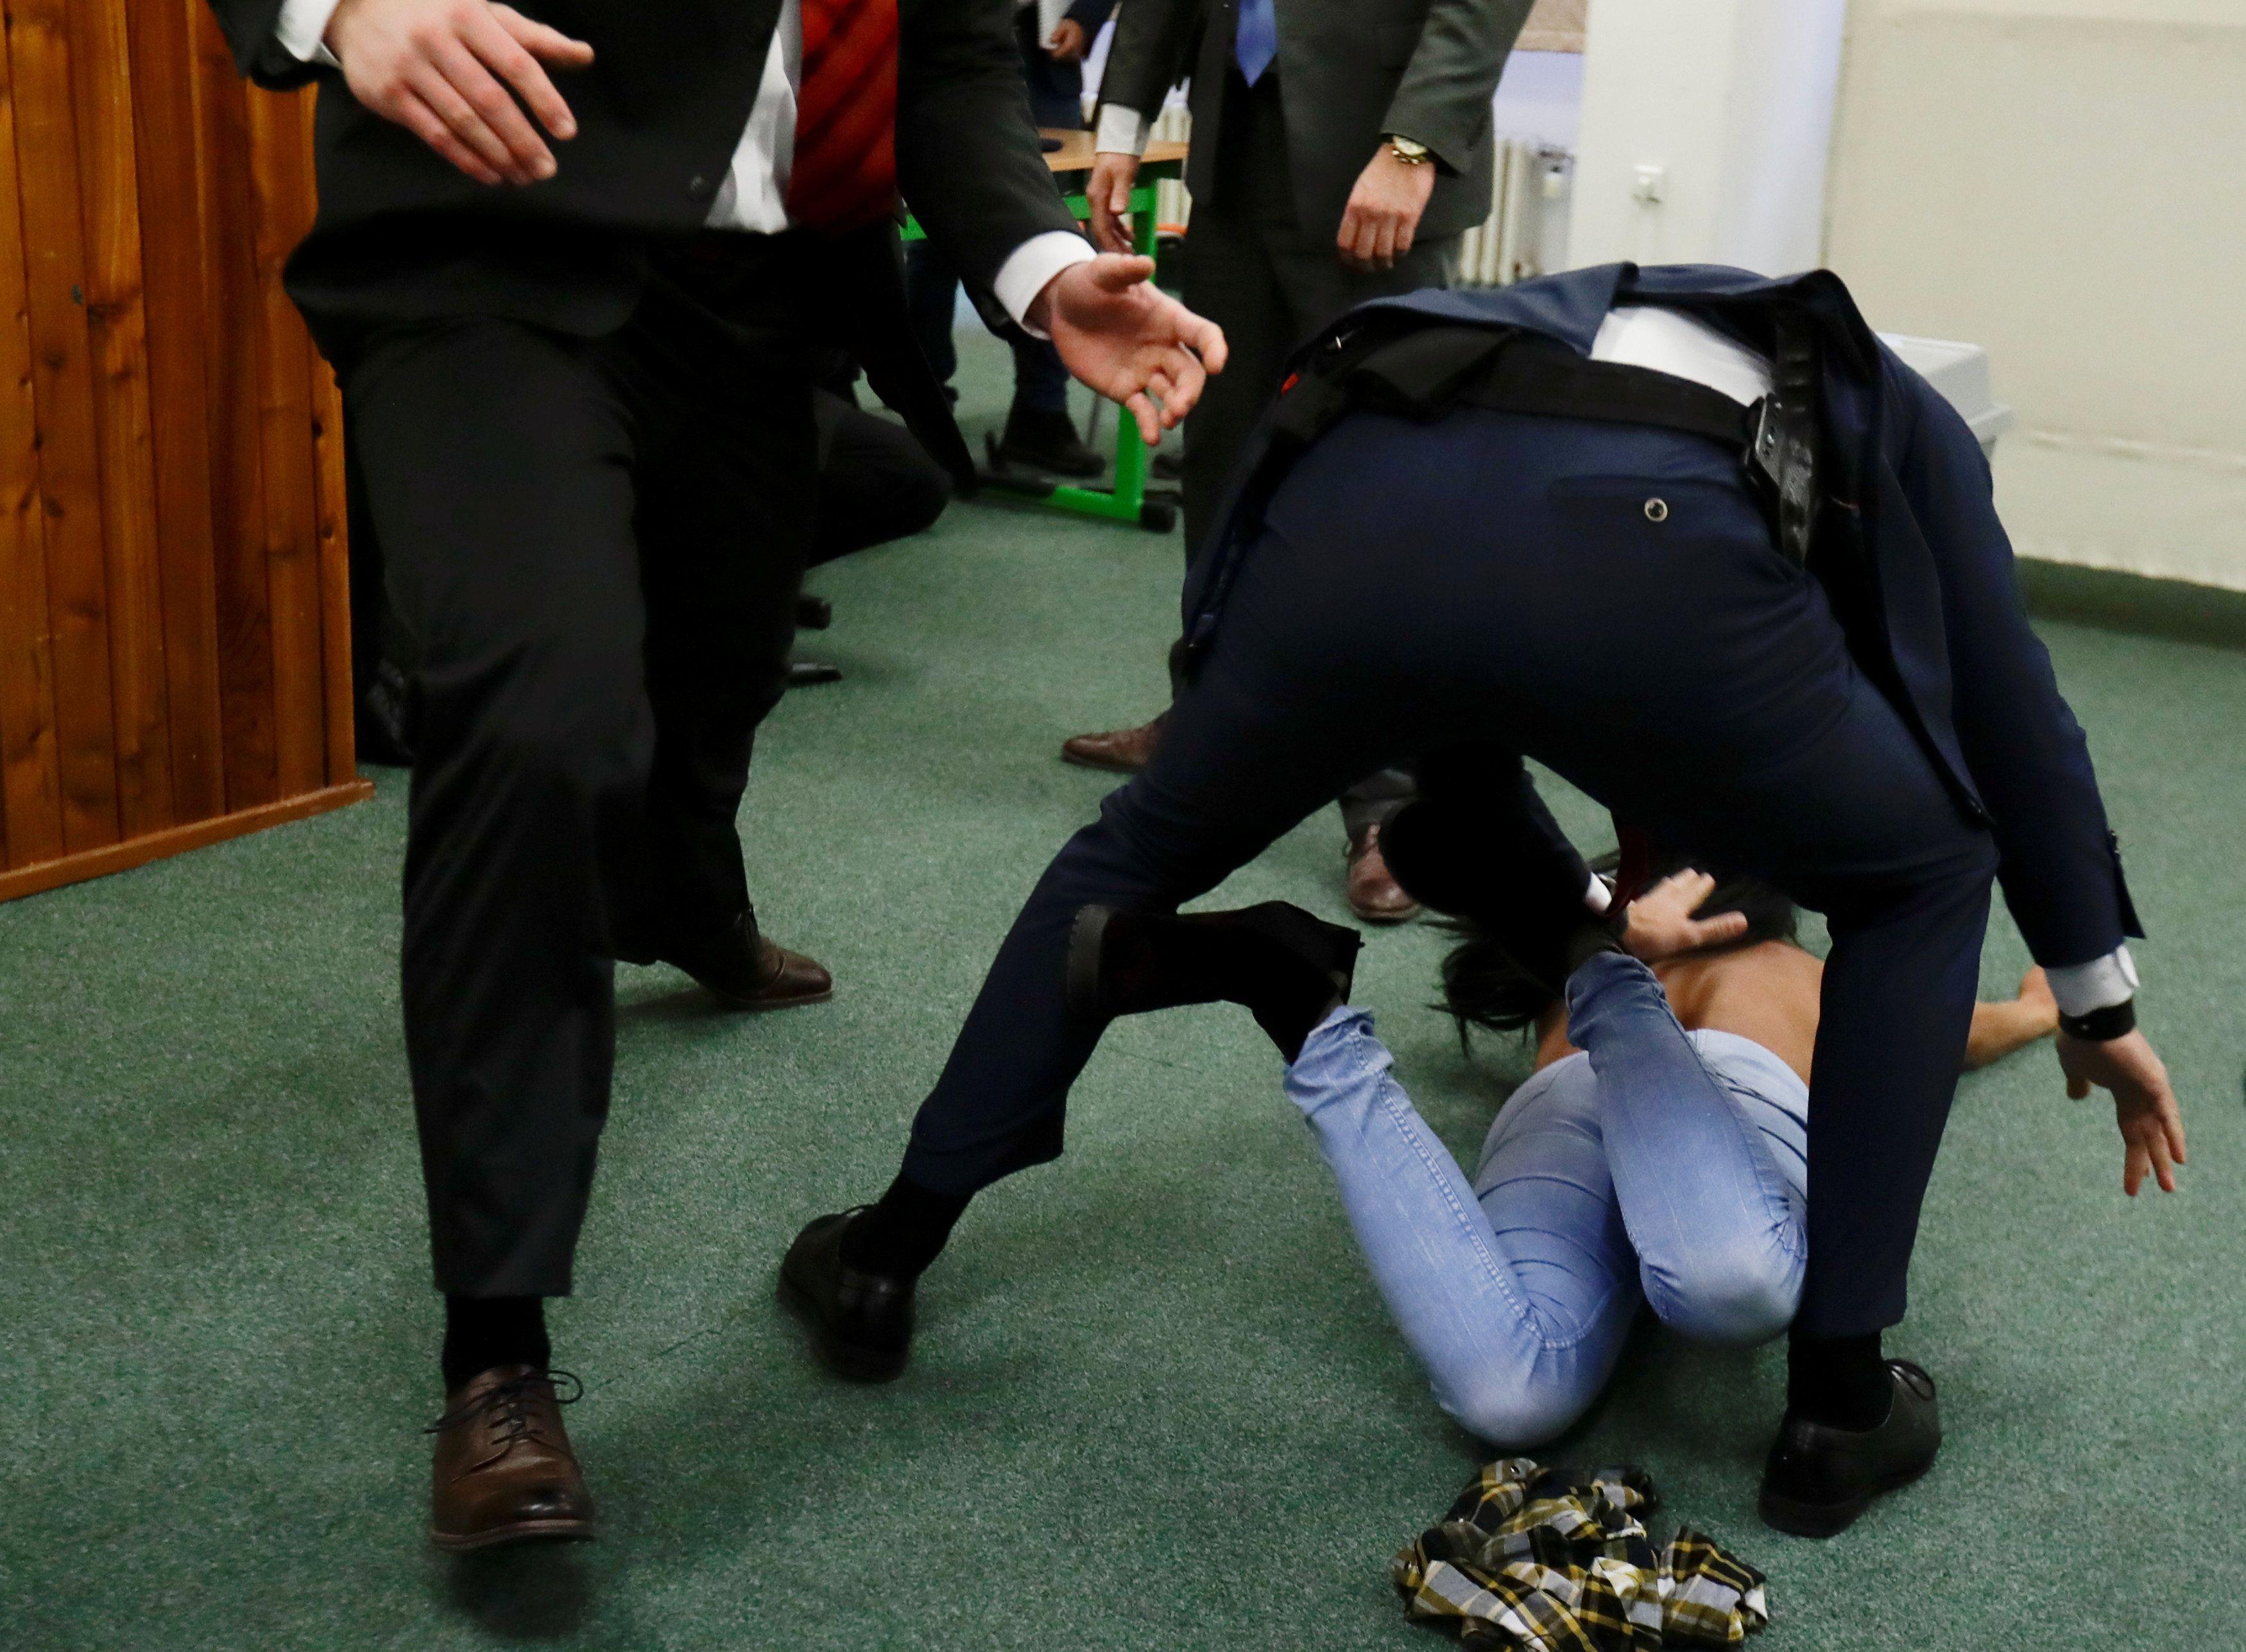 Задержанная активистка не хотела никому как-либо навредить, отметила ее адвокат